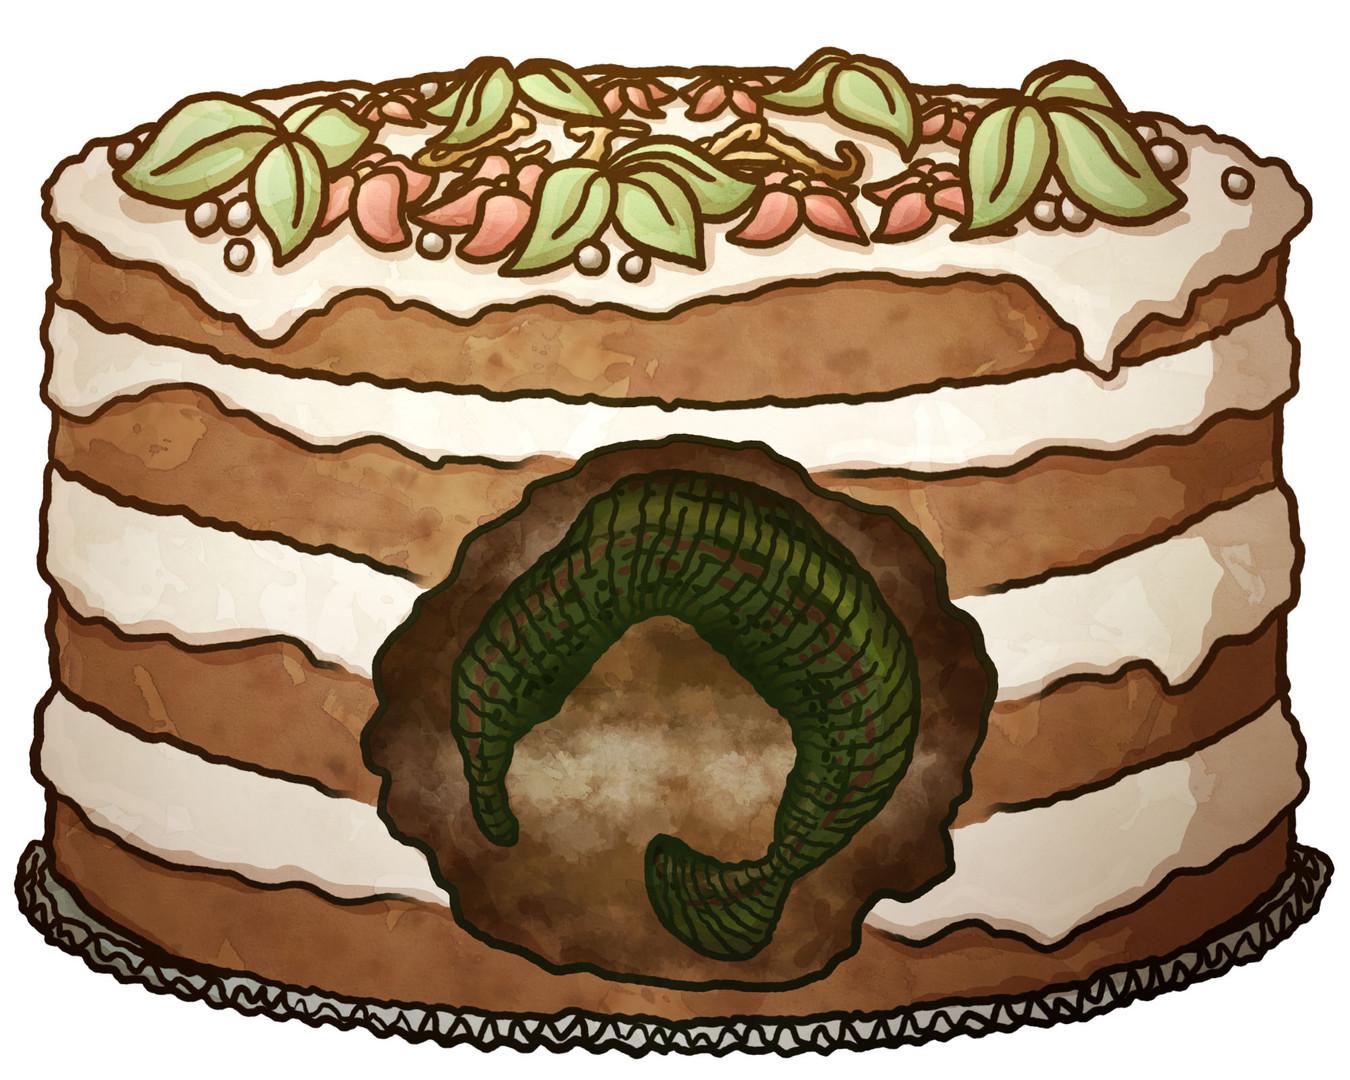 Torte mit Egel